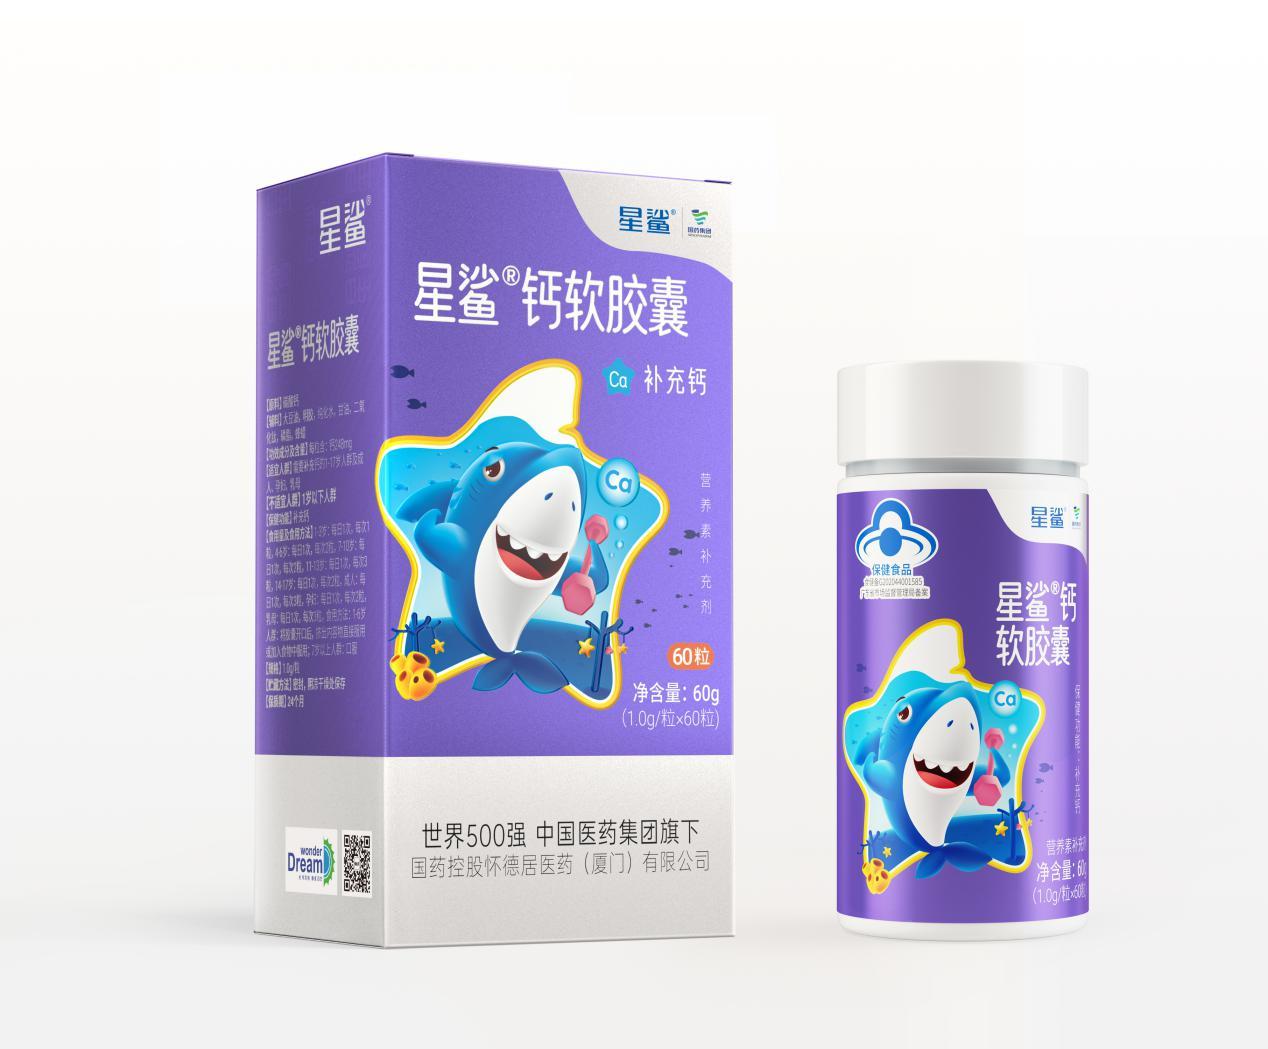 春季补钙正当时,国控星鲨助力孩子健康成长